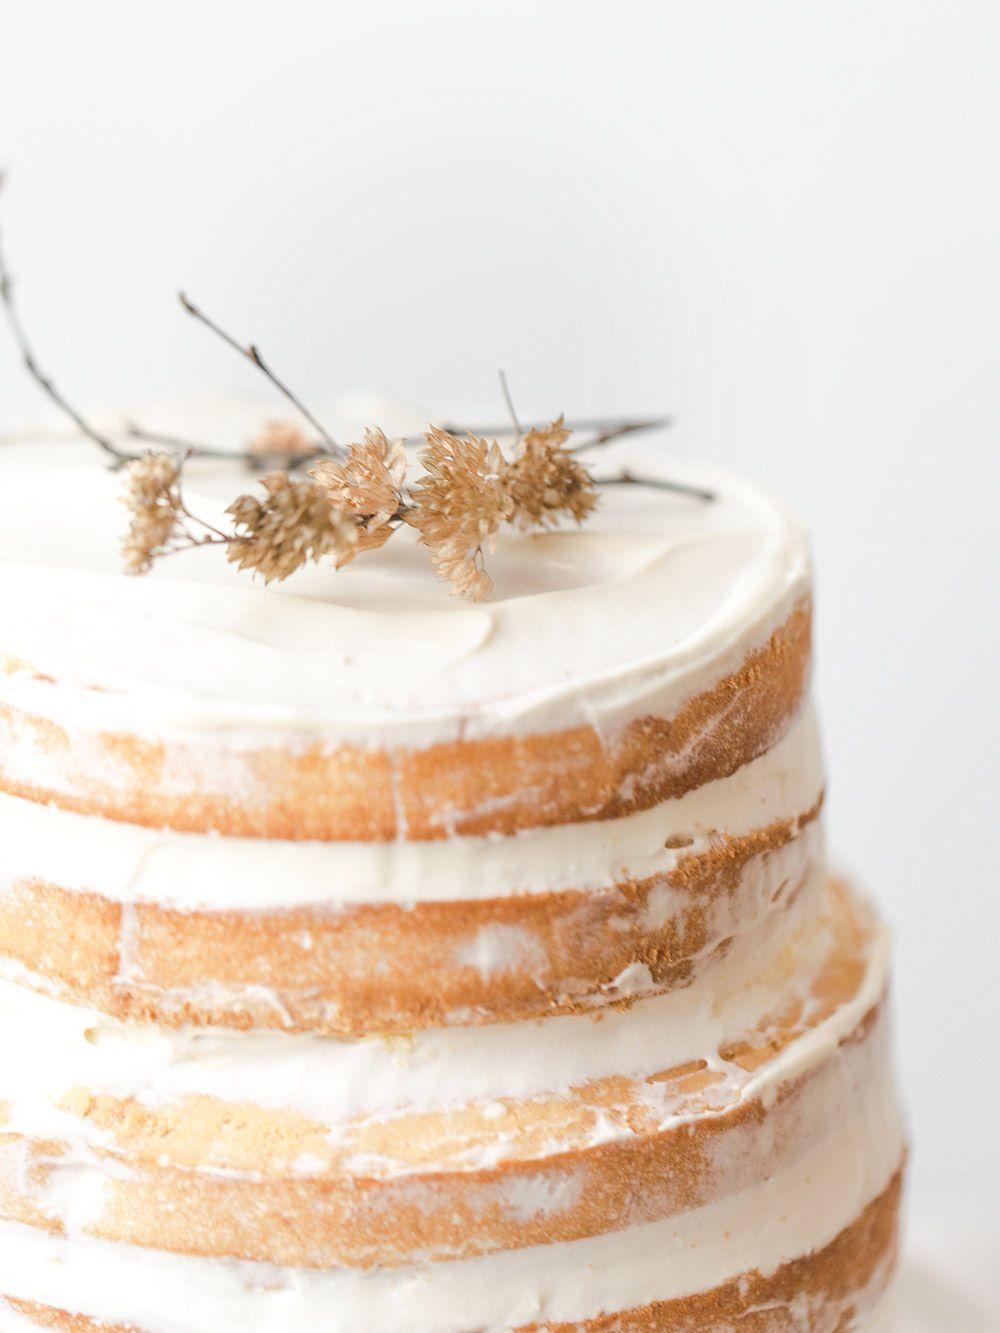 Naked cake exotique sans gluten, fruits de la passion et